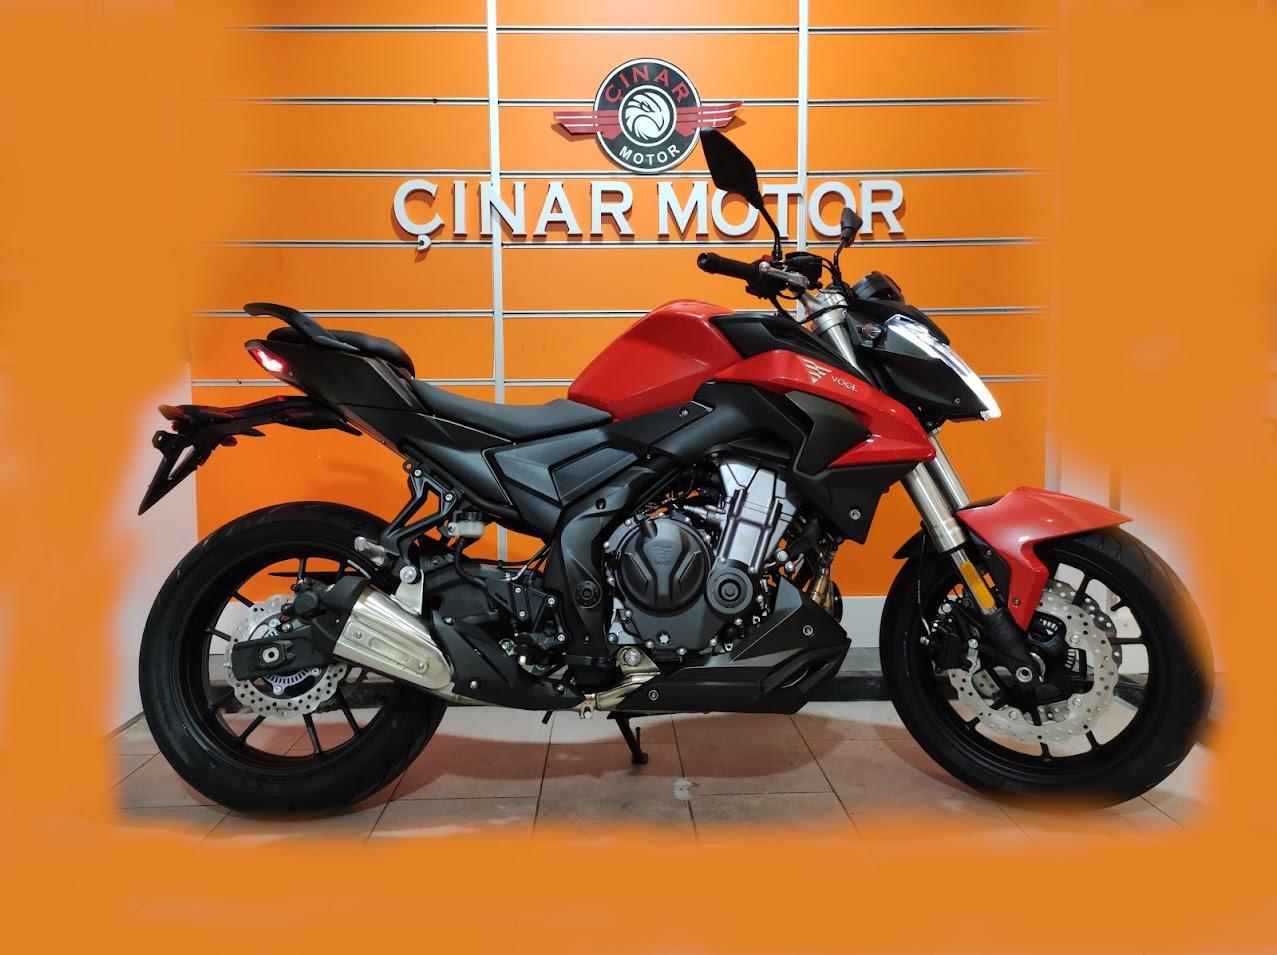 Çınar Motosiklet - Senetle Motosiklet Satışının Doğru Adresi 73